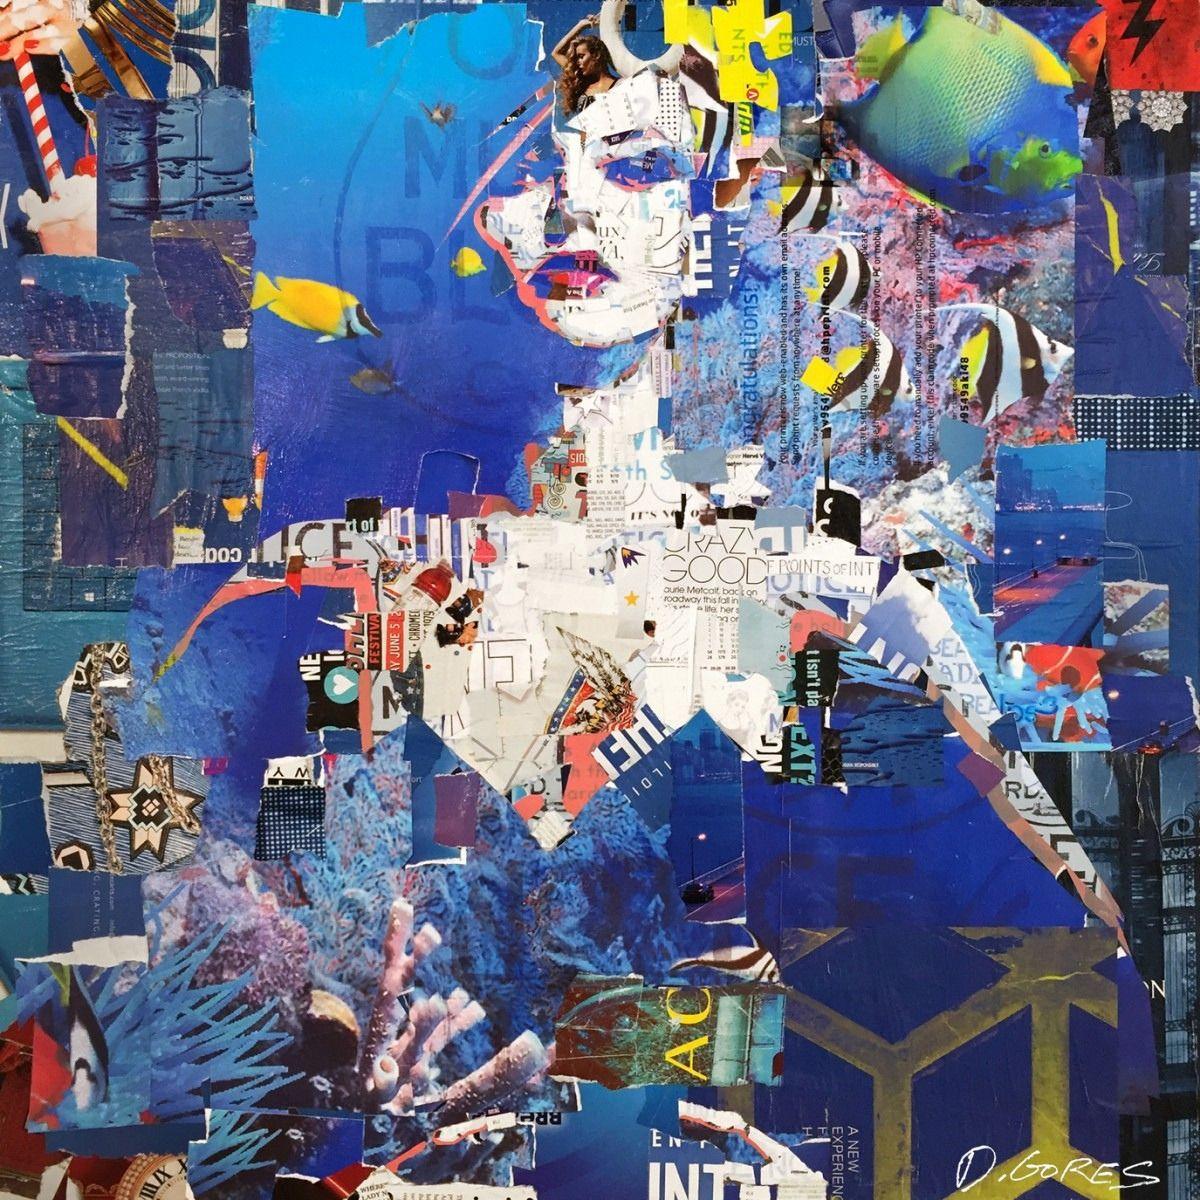 collage artists derek gores